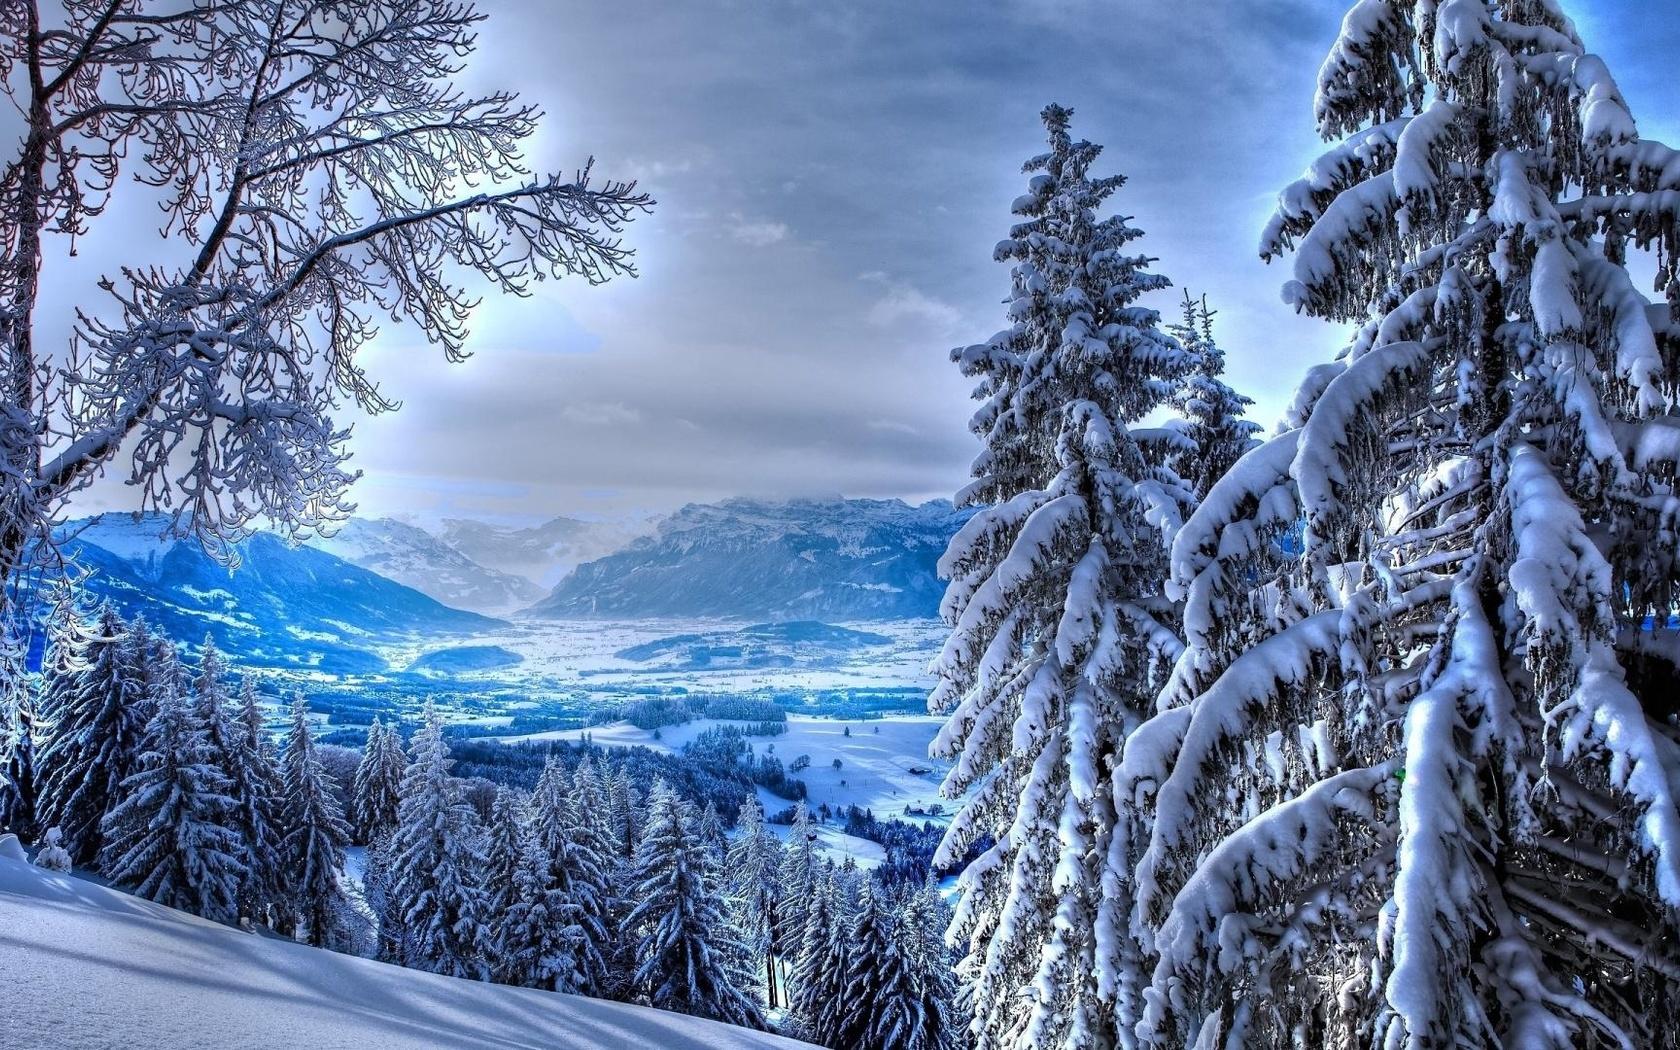 картинки о зиме на мониторе гири только продаются